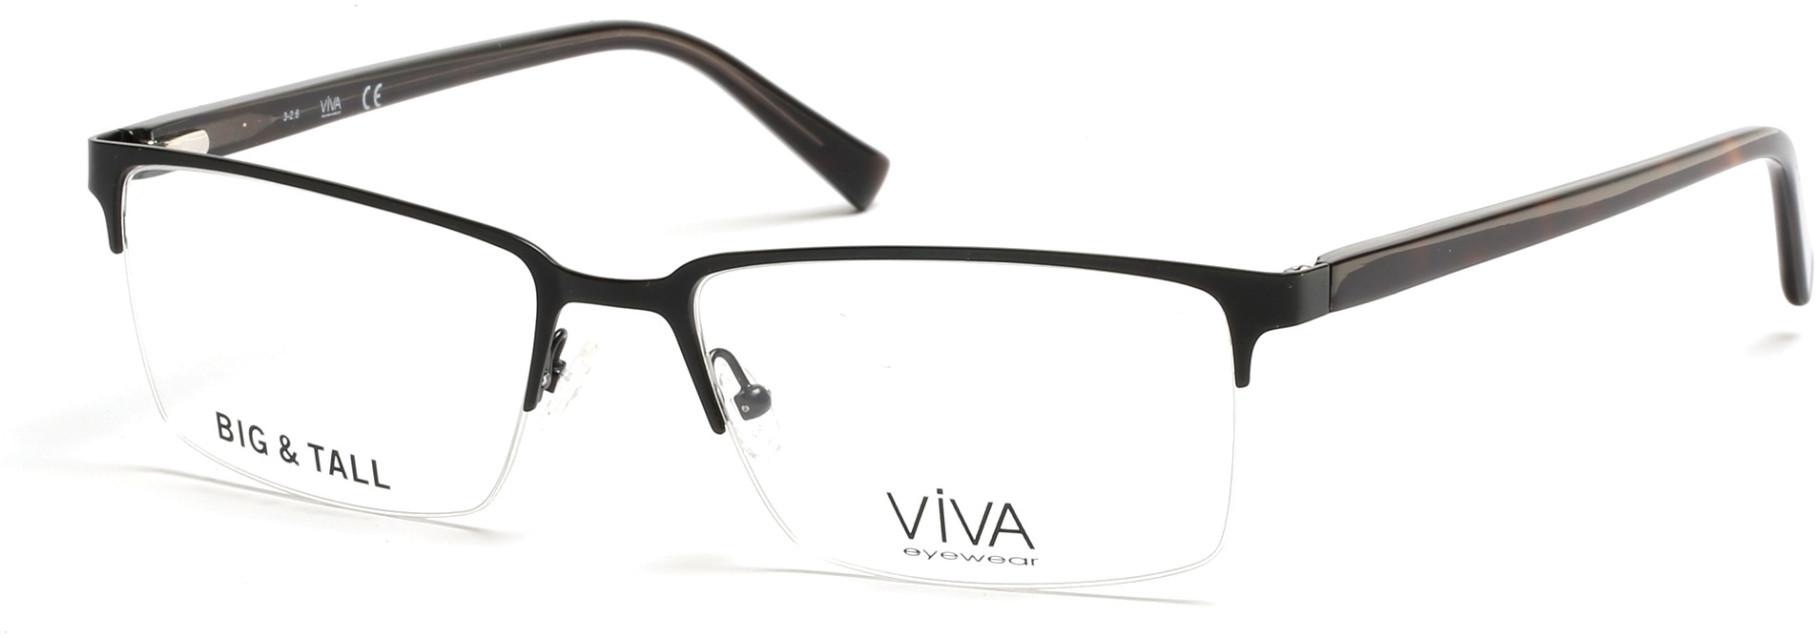 VIVA VV4025 style-color 002 - Matte Black